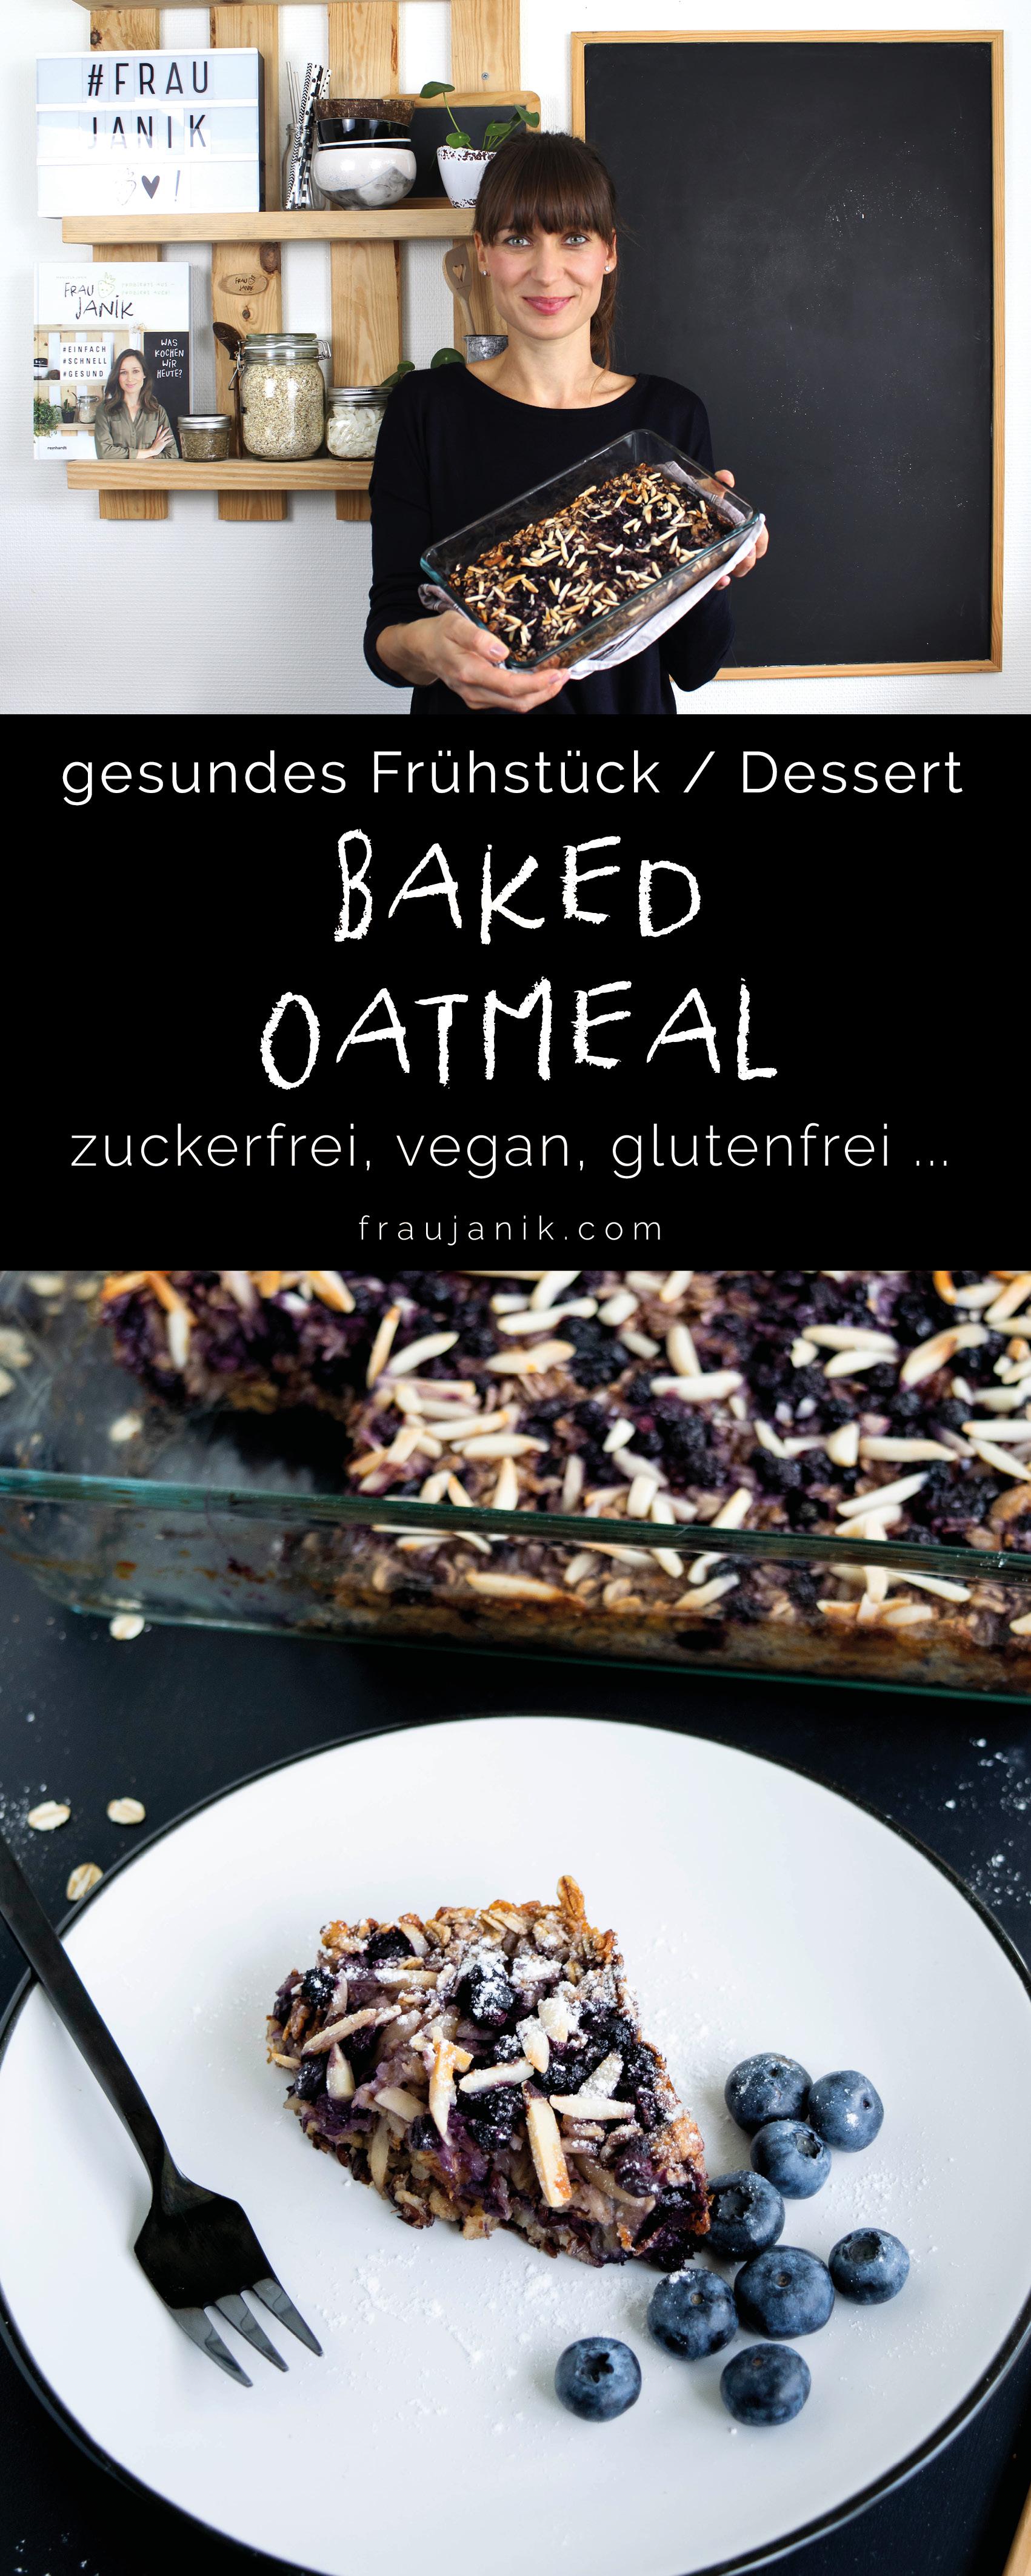 Baked Oatmeal, gebackene Haferflocken, gesundes Frühstück, gesundes Dessert, gesunder Snack, zuckerfrei, vegan, glutenfrei, gesund, ballaststoffreich, ohne Öl, fraujanik, Blogger, Basel, Foodblog, schnell und einfach